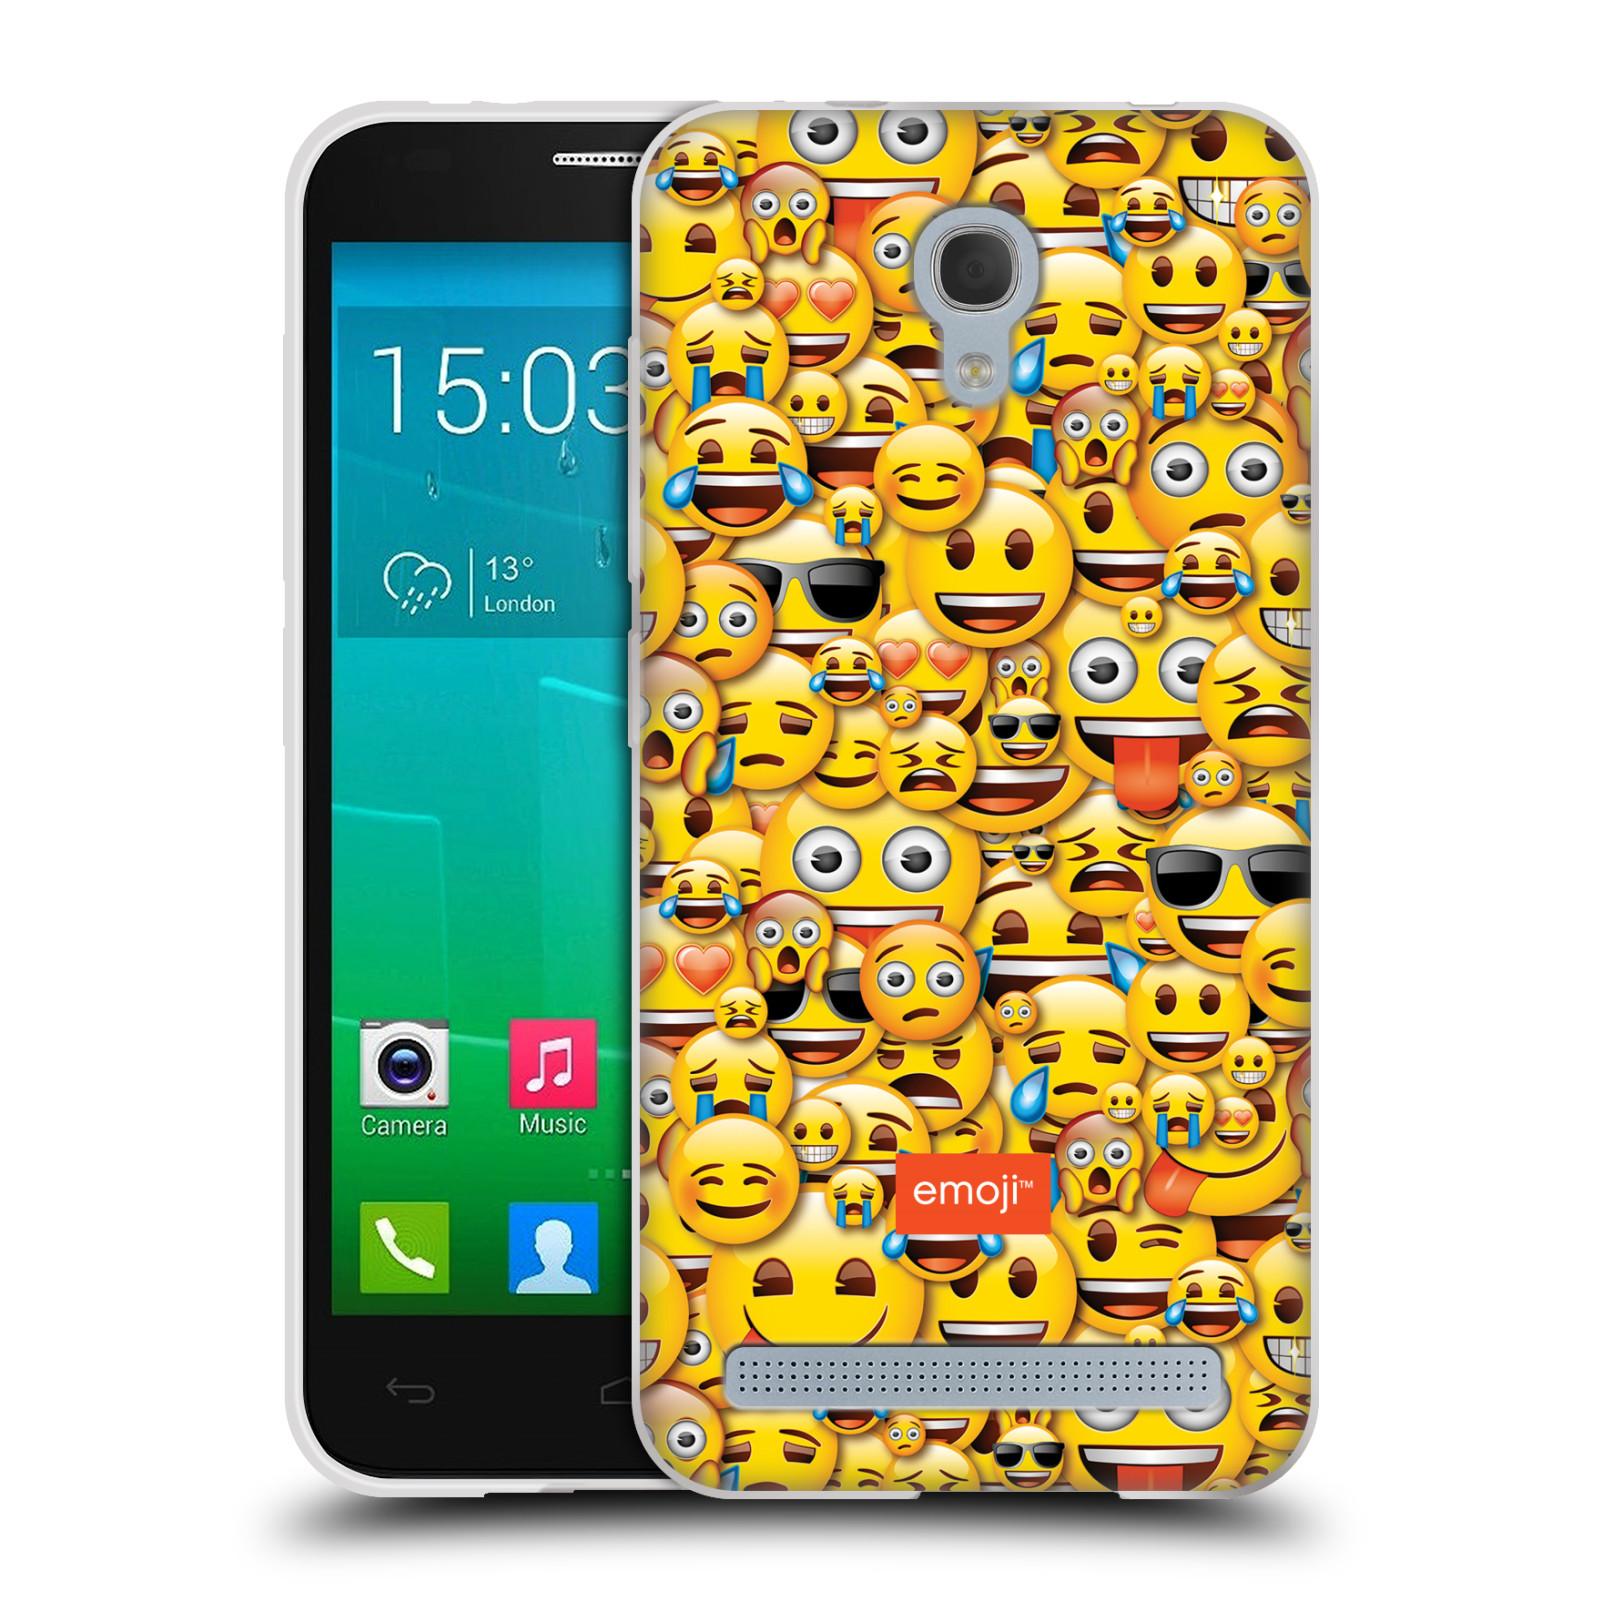 Silikonové pouzdro na mobil Alcatel One Touch Idol 2 Mini S 6036Y HEAD CASE EMOJI - Mnoho malých smajlíků (Silikonový kryt či obal s oficiálním motivem EMOJI na mobilní telefon Alcatel Idol 2 Mini S OT-6036Y)